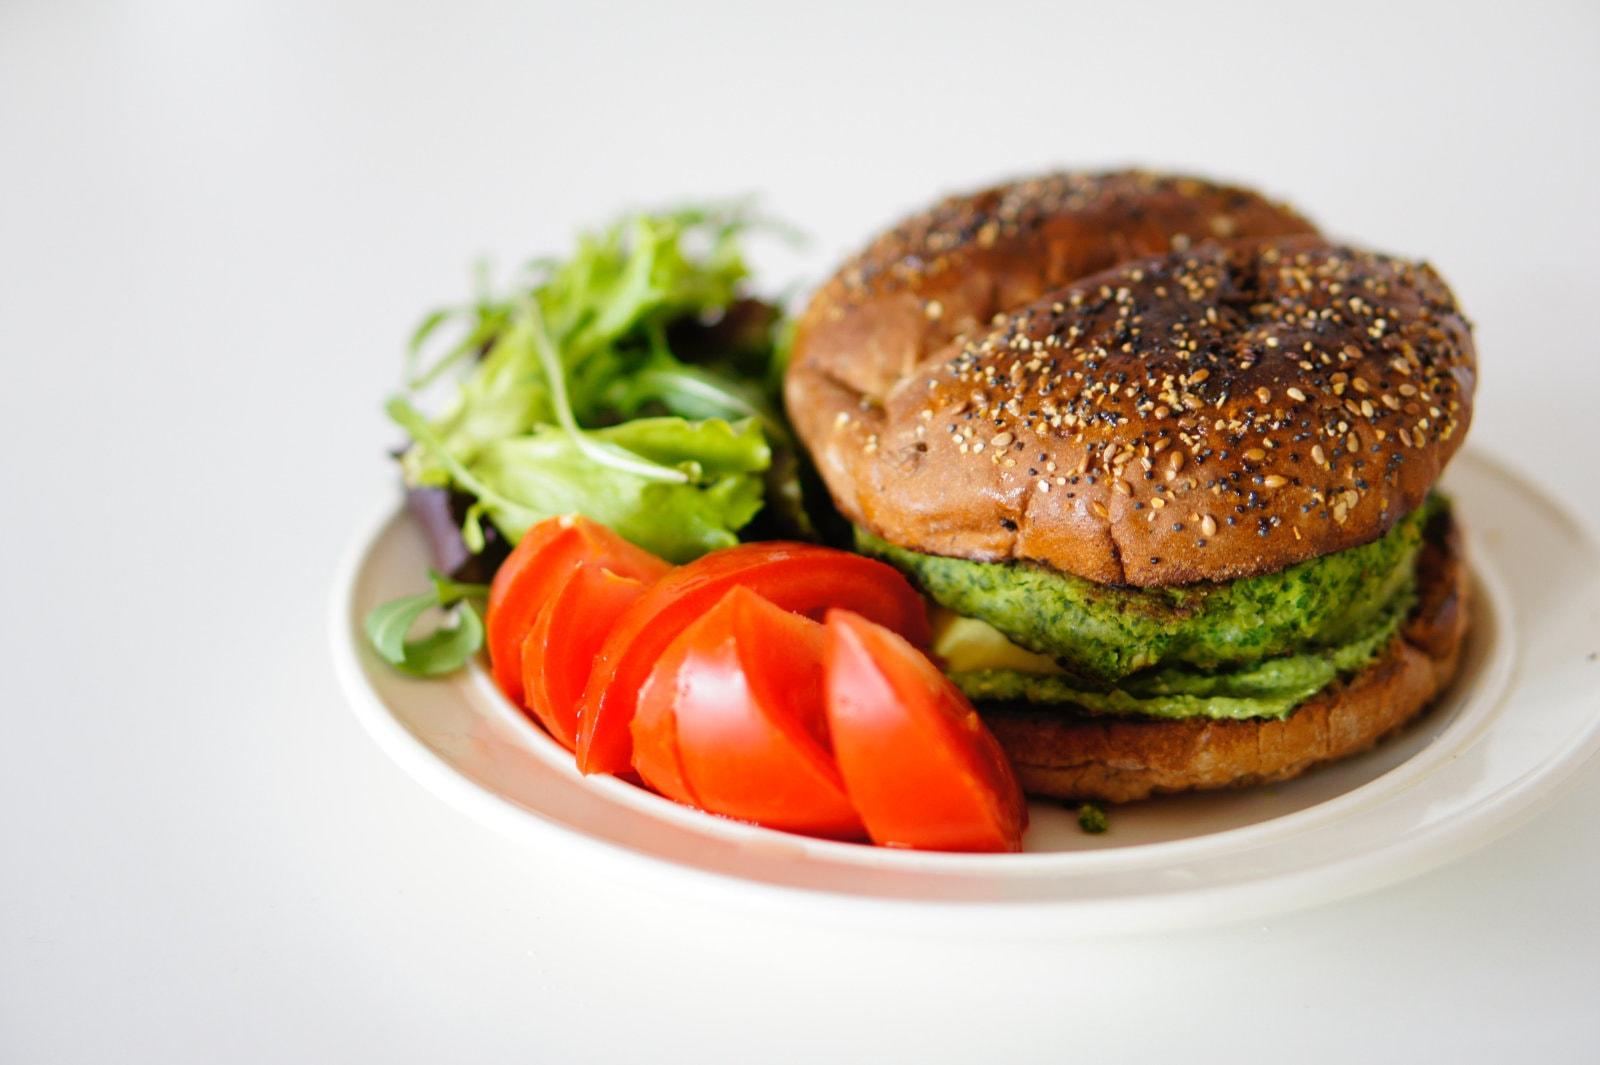 Vegan zucchini burger